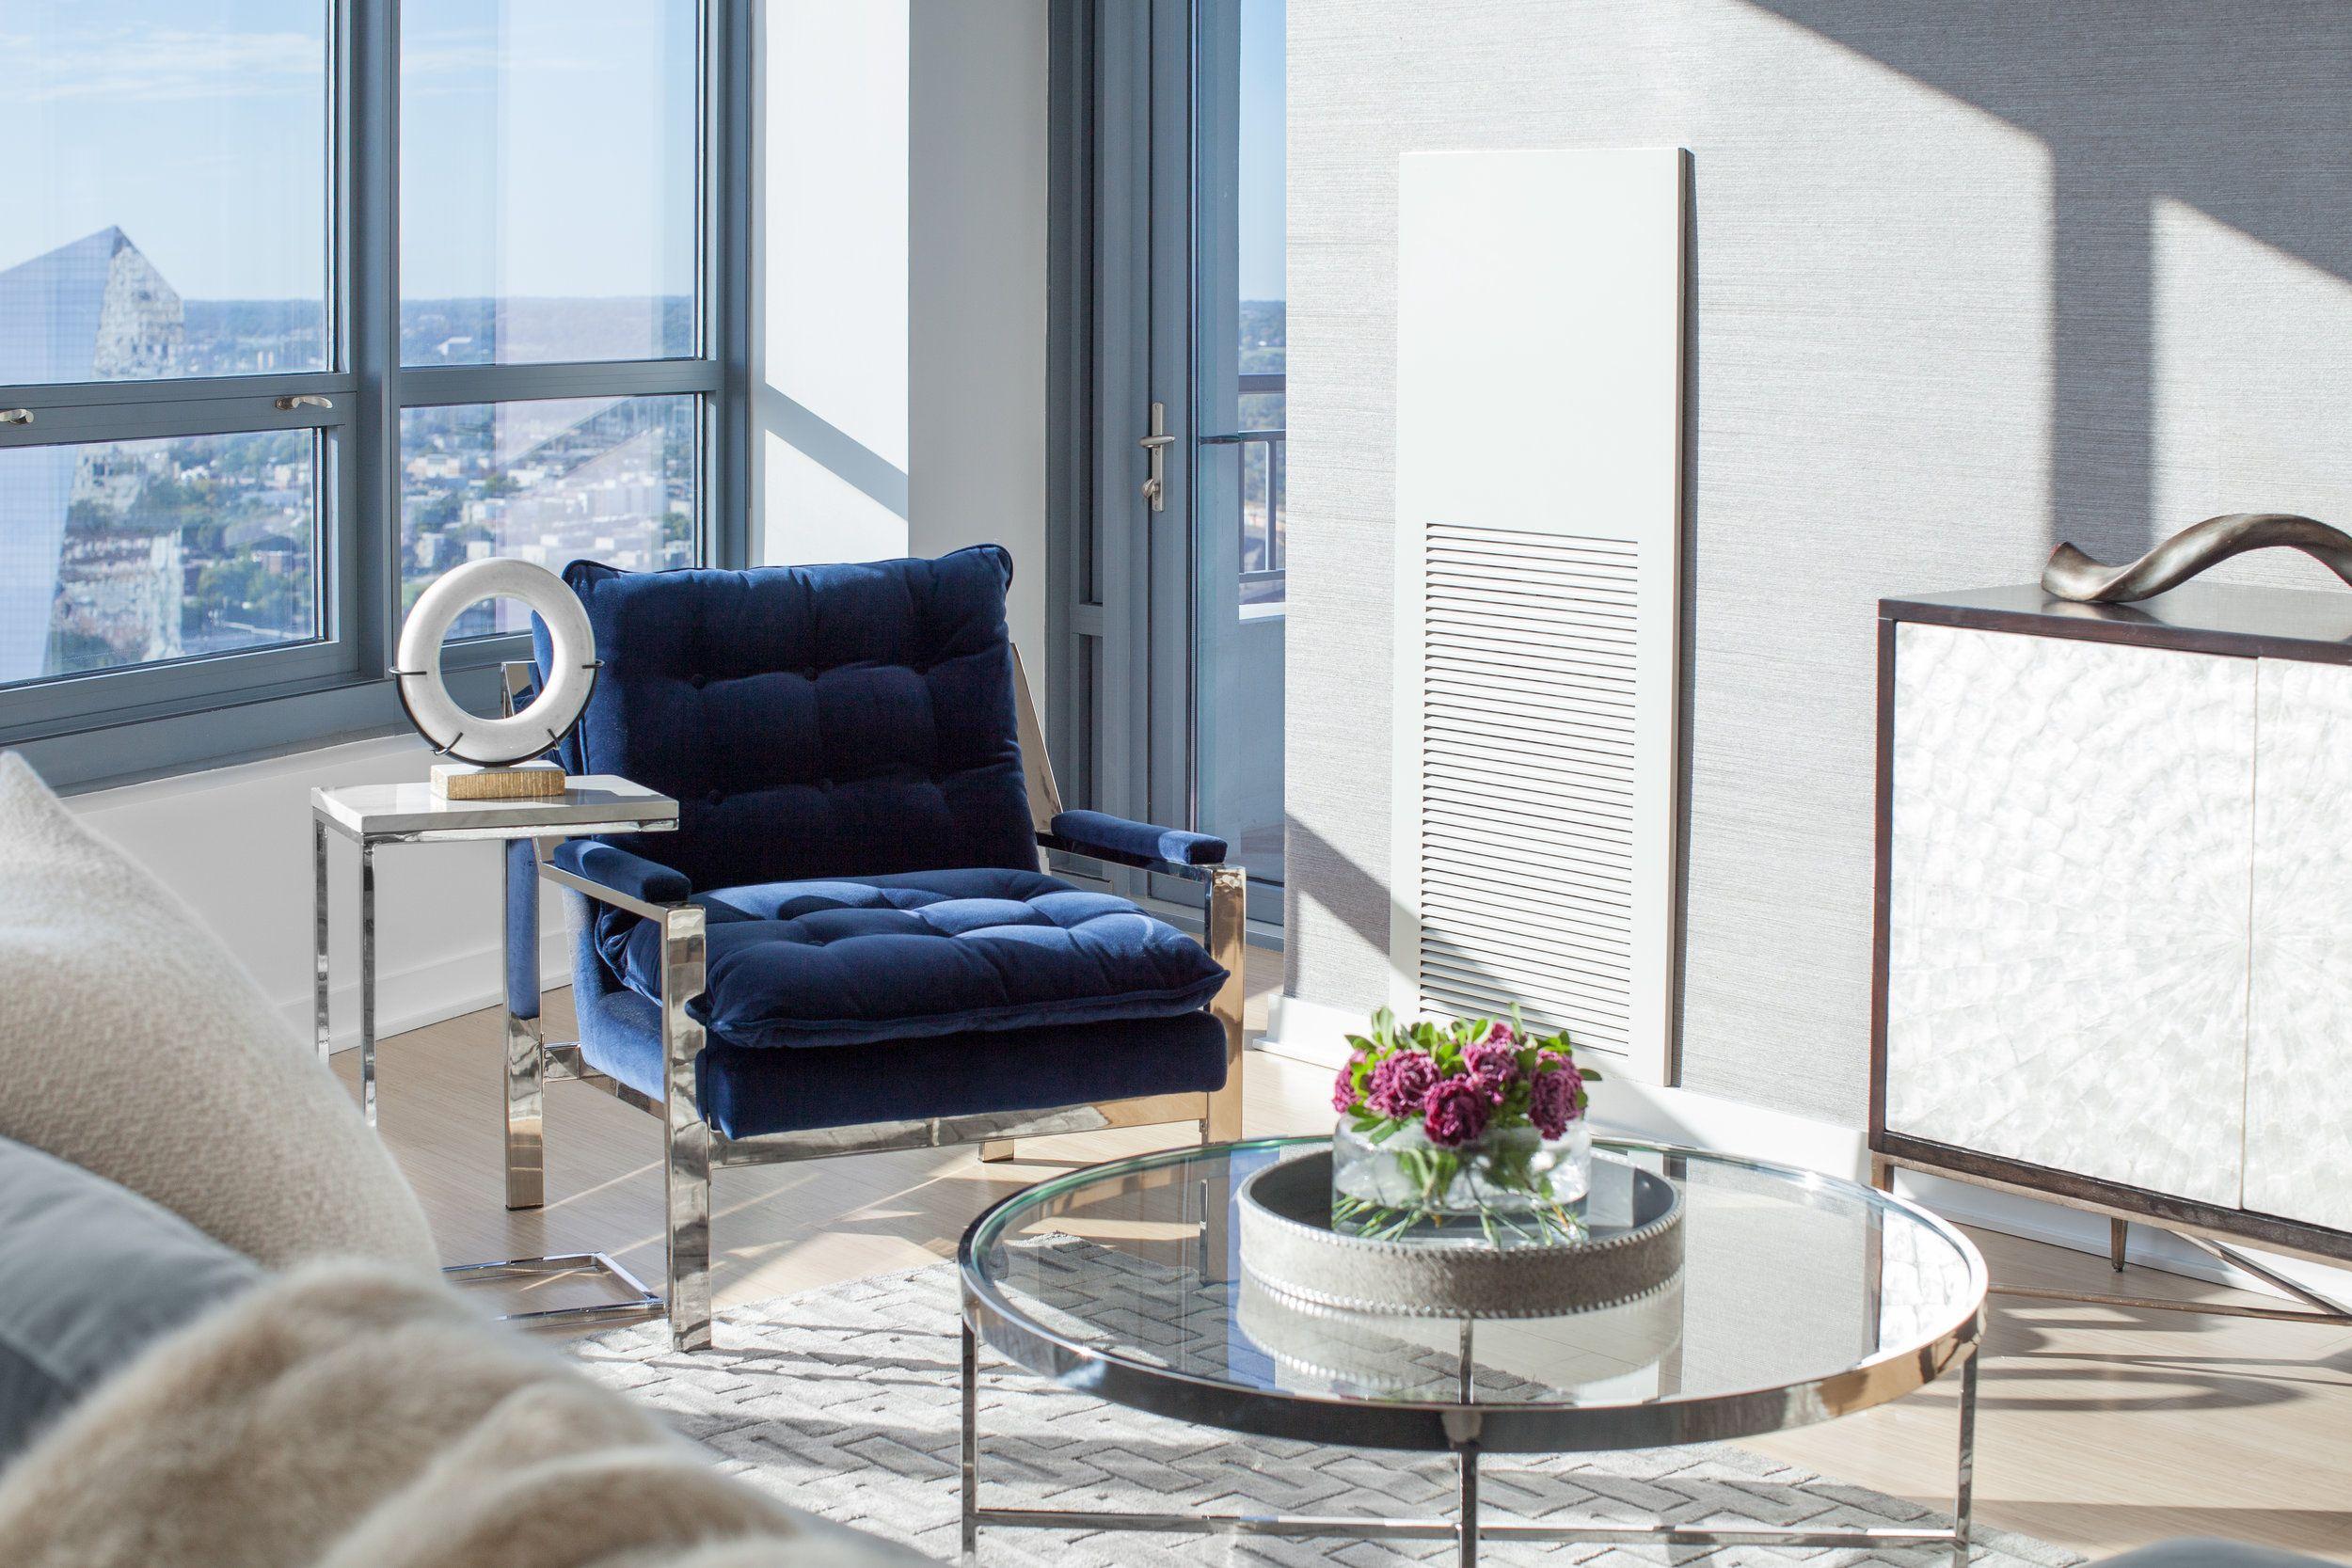 Main Line Philadelphia Living Room Design All White Room With